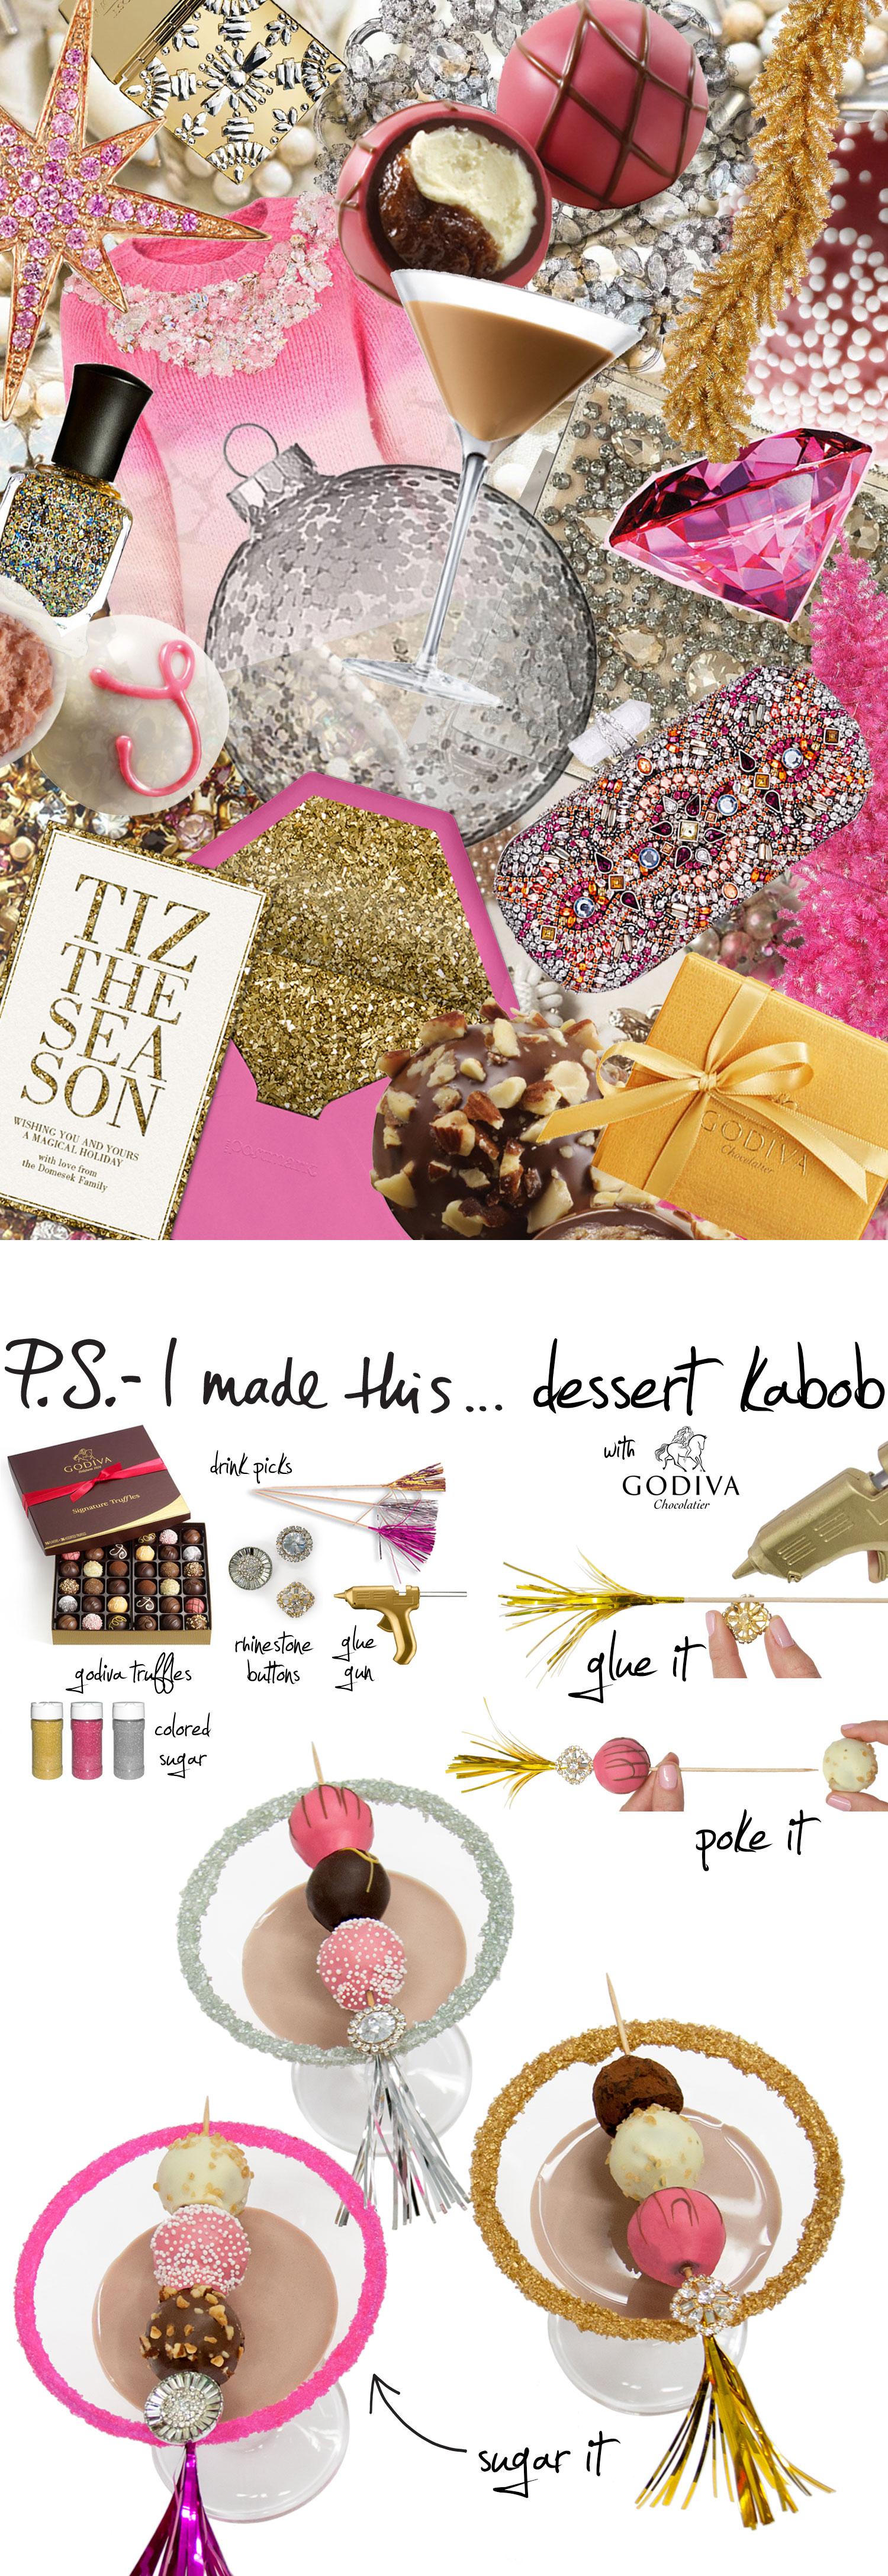 12.12.13_GODIVA_Dessert-Kabob-L